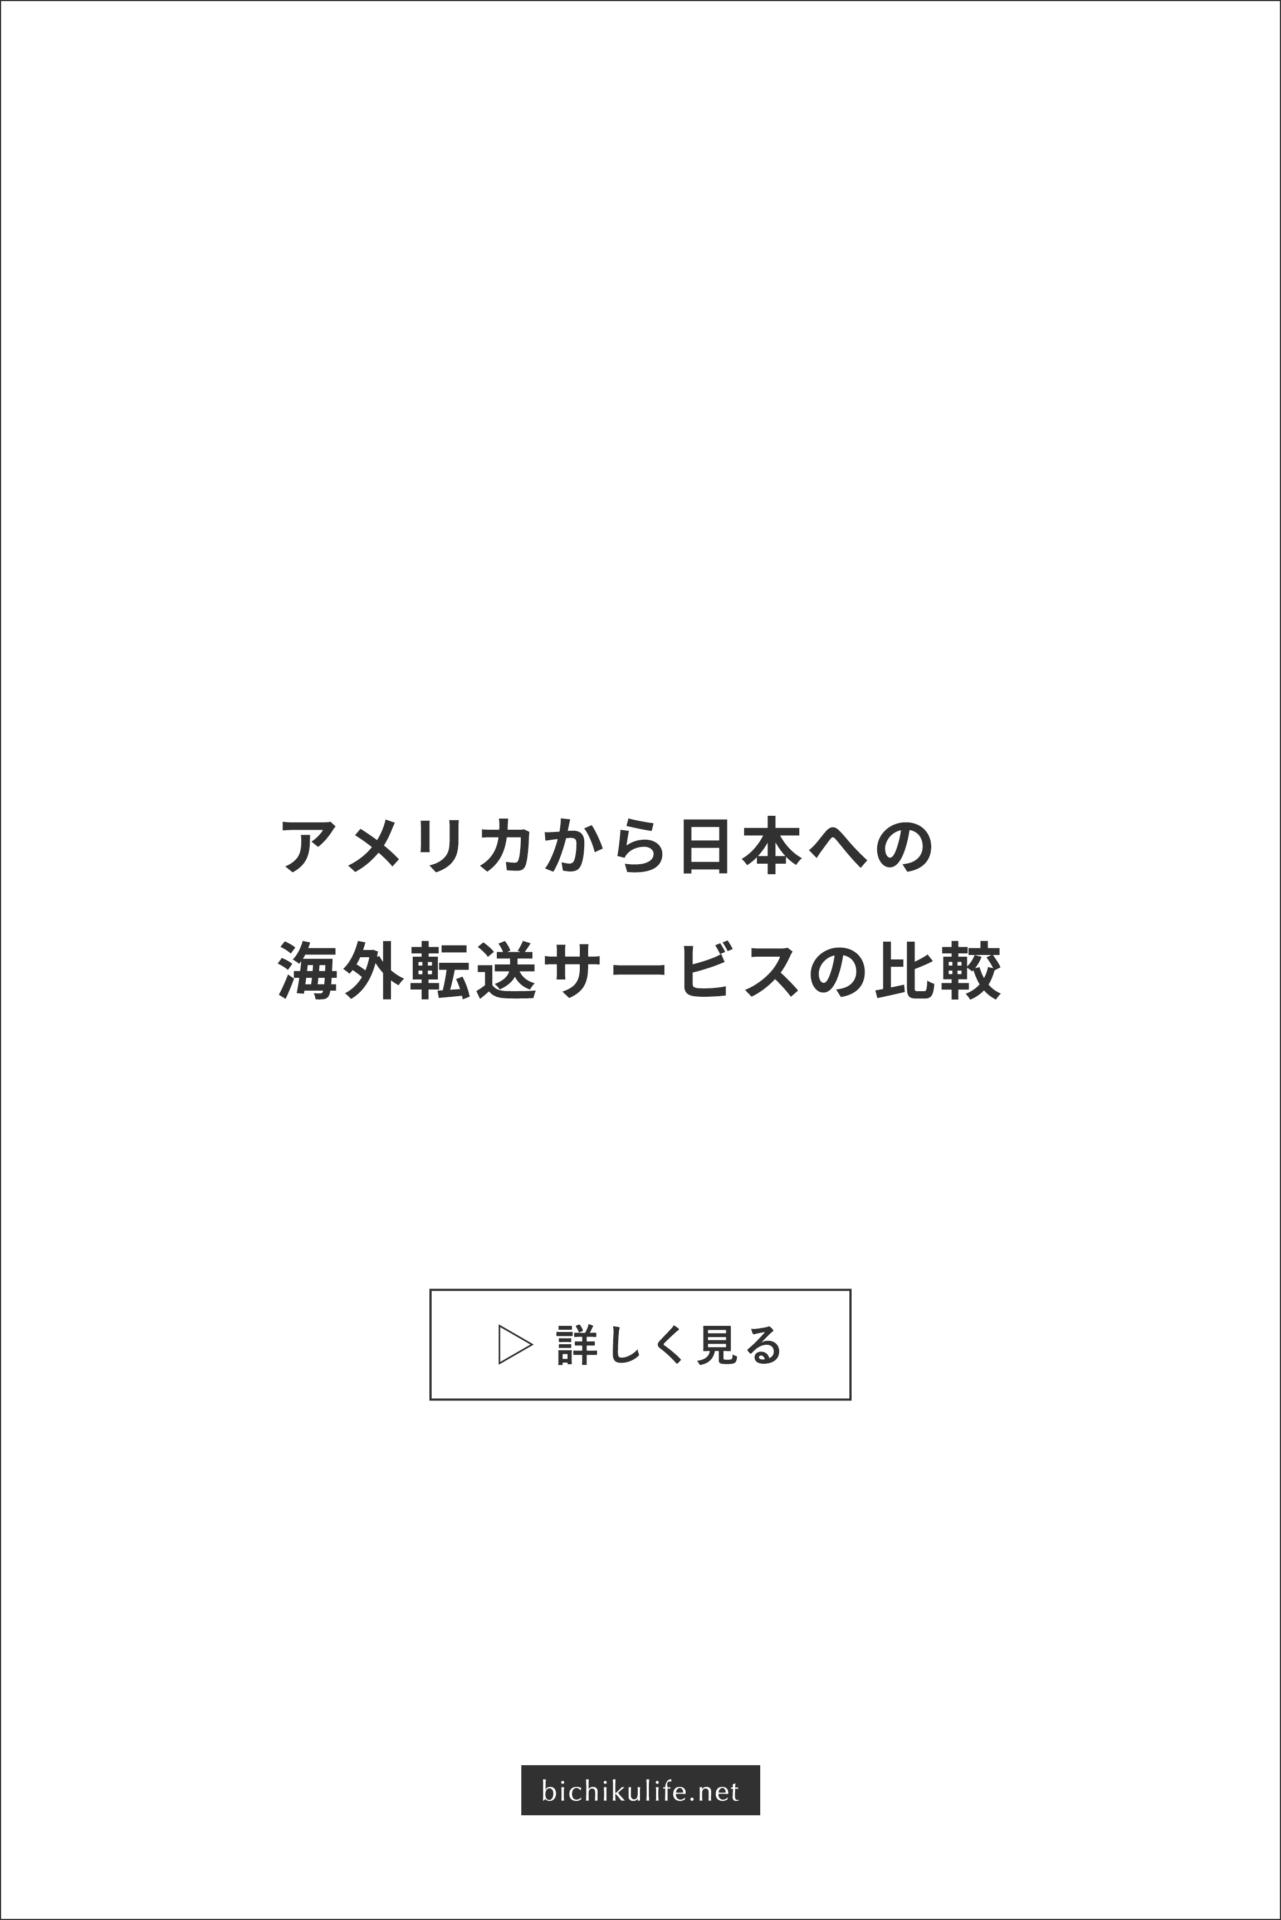 アメリカから日本への海外転送サービスの比較